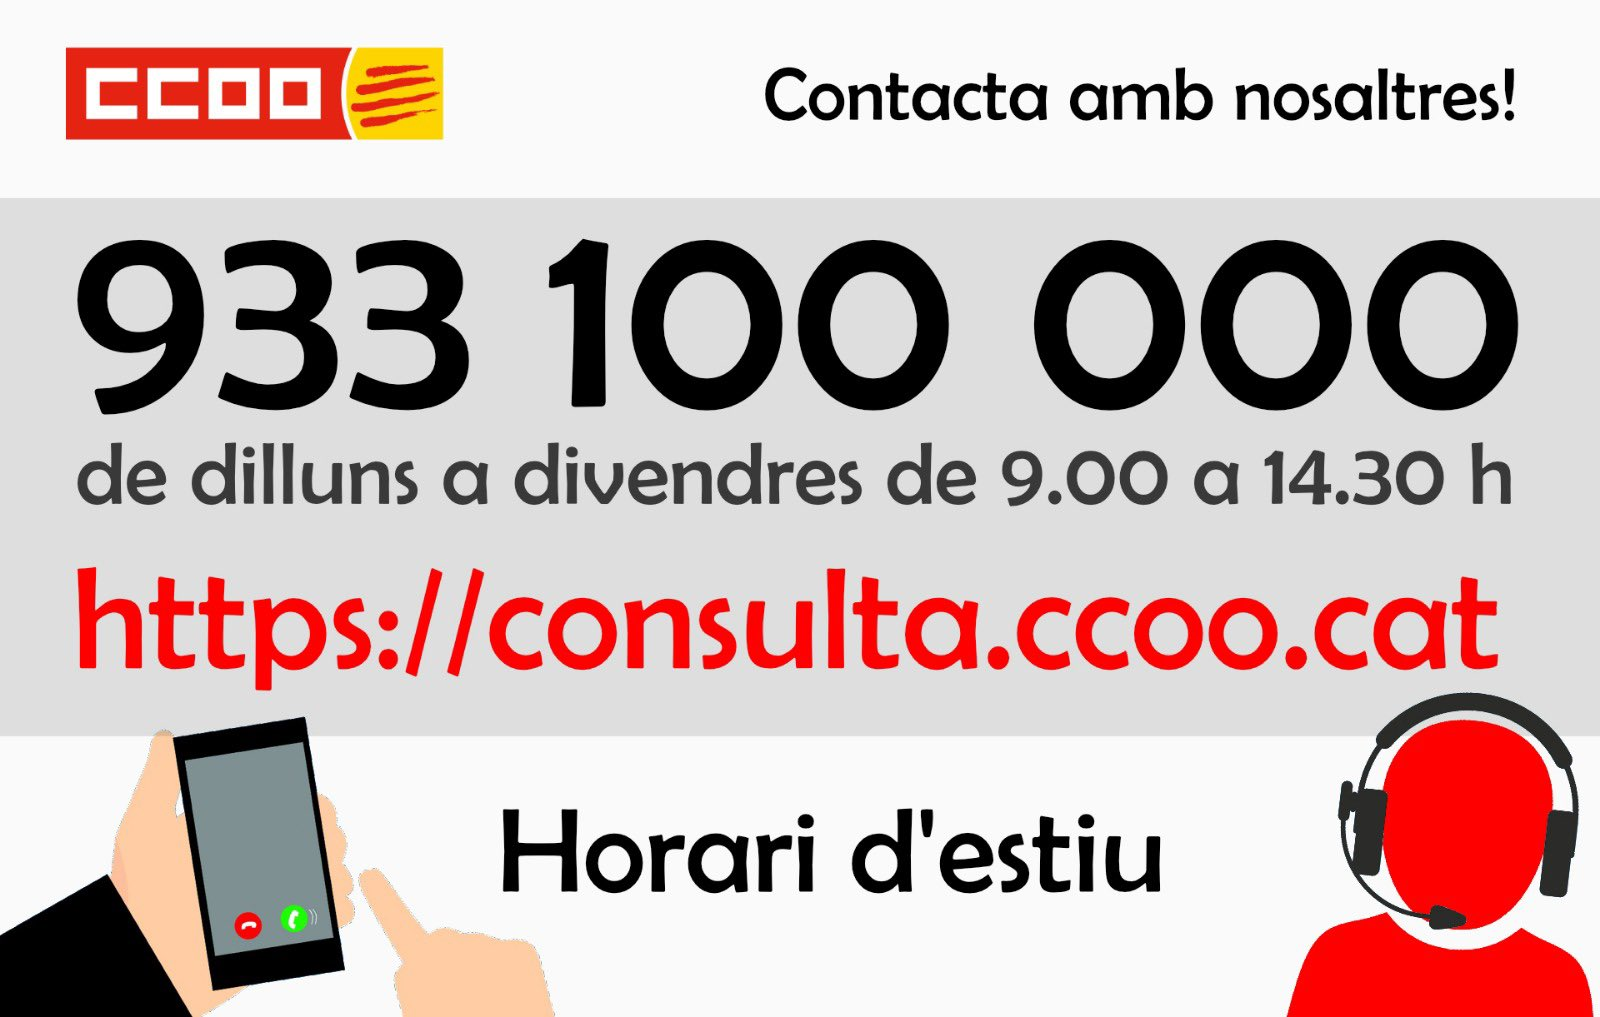 Horaris d'assessorament de CCOO de Catalunya durant el mes d'agost de 2021